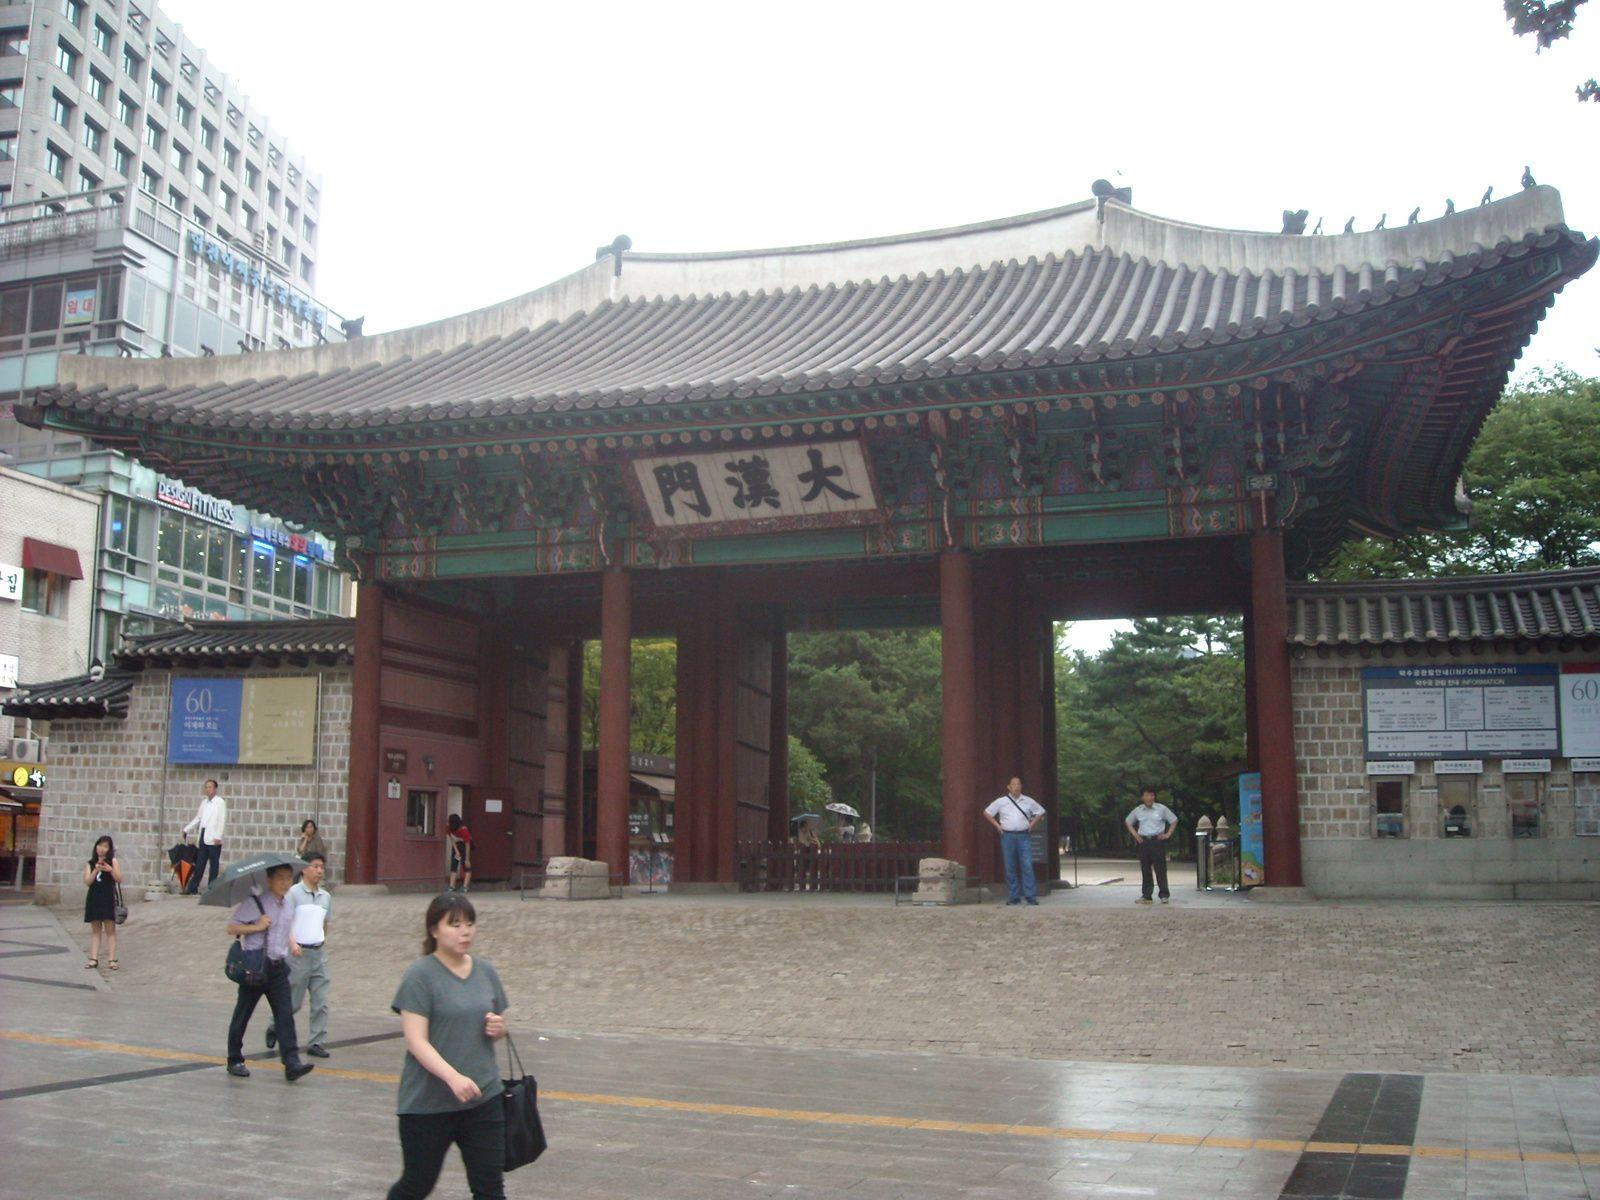 1. la porte de Deoksugung  2. gratte ciels   3. bus de police a la queue-leu-leu   4. mais ils font pas trop peur quand meme    5. rubans jaunes en hommage aux victimes du ferry    6 a 12. interieur du palais   13. myeongdong!